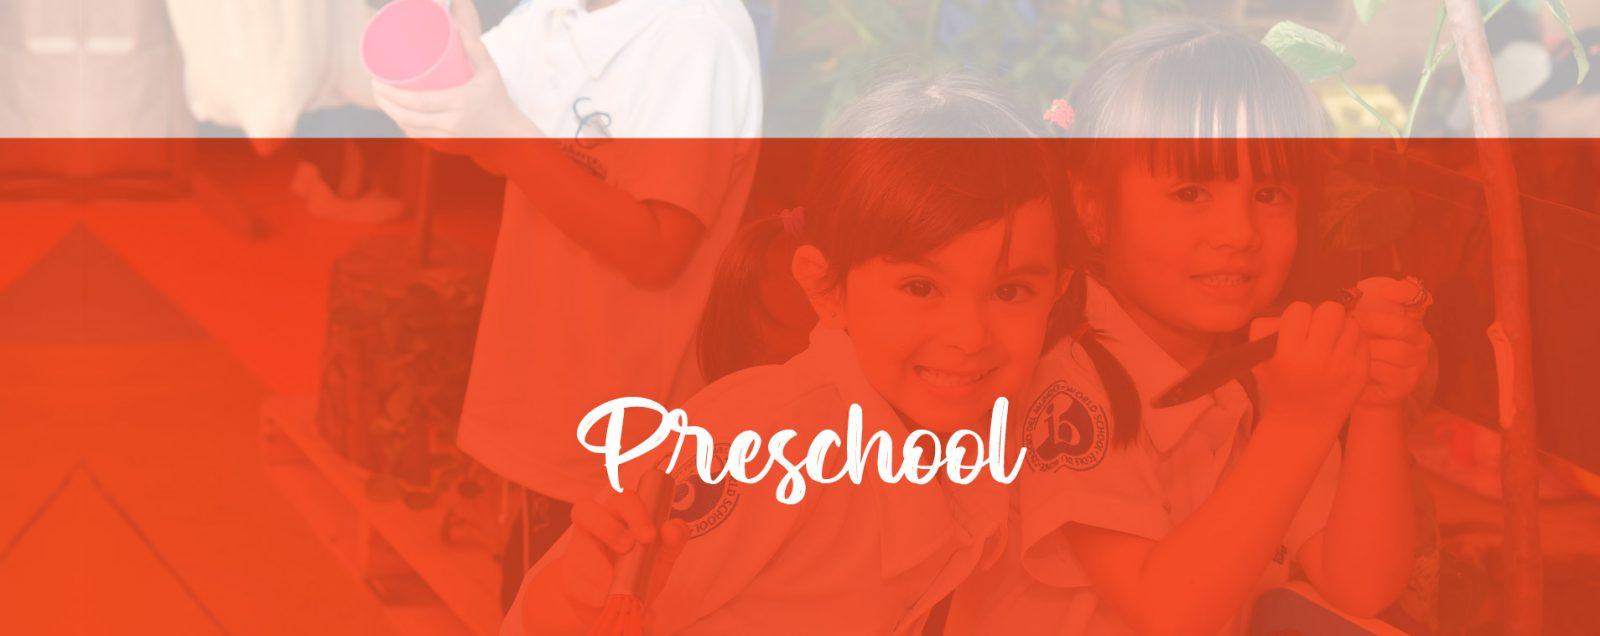 canaverales_preschool-f